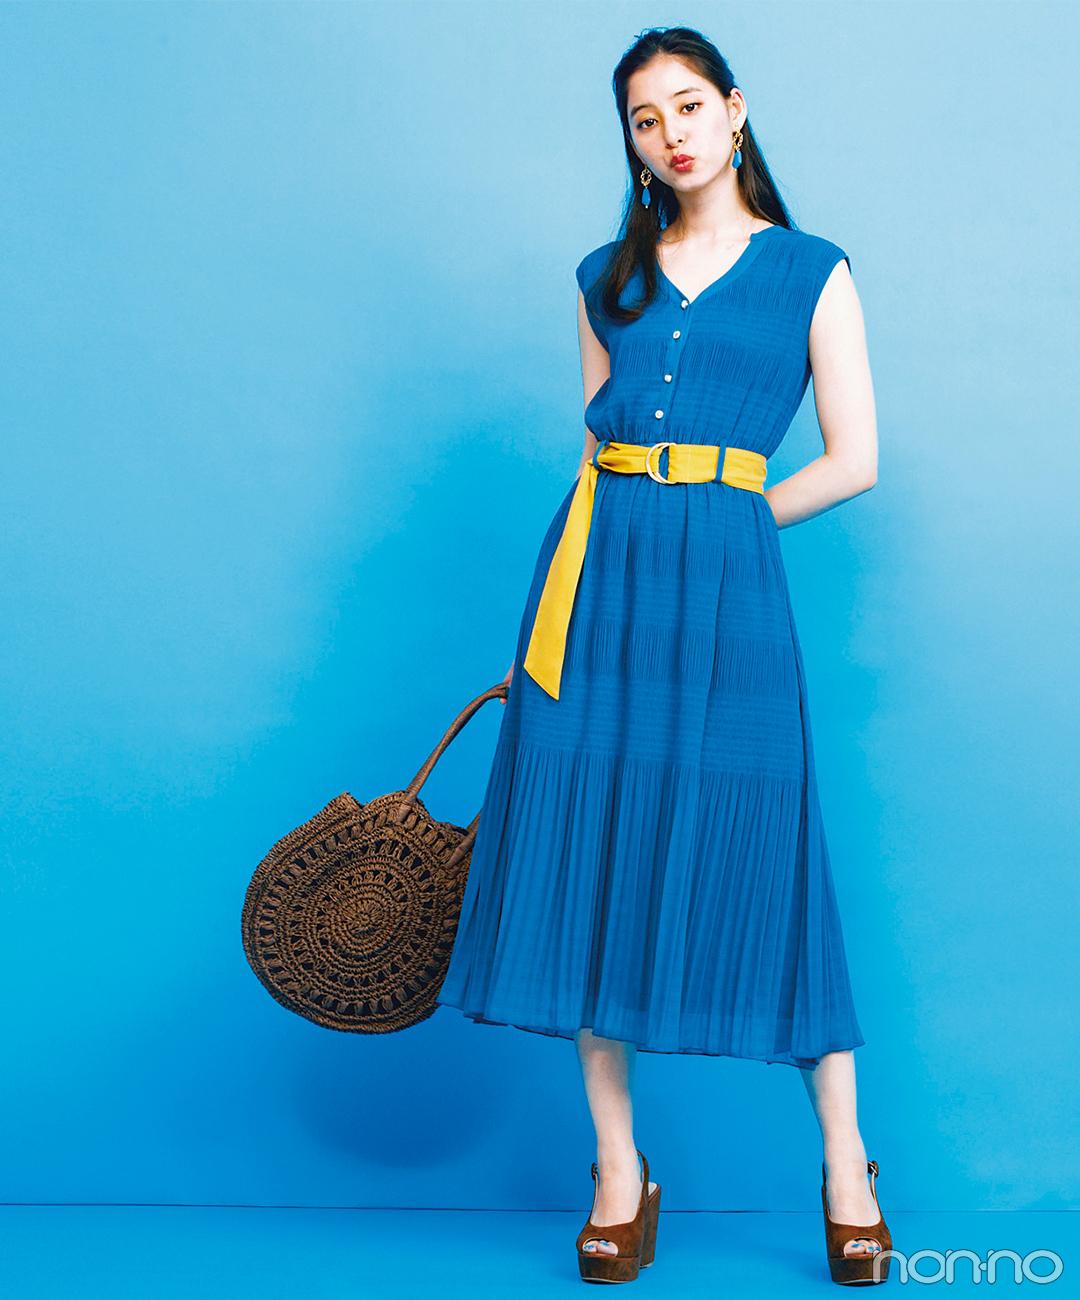 新木優子はブルーワンピのリゾ風コーデで♡ 涼しげ夏ガール!【毎日コーデ】